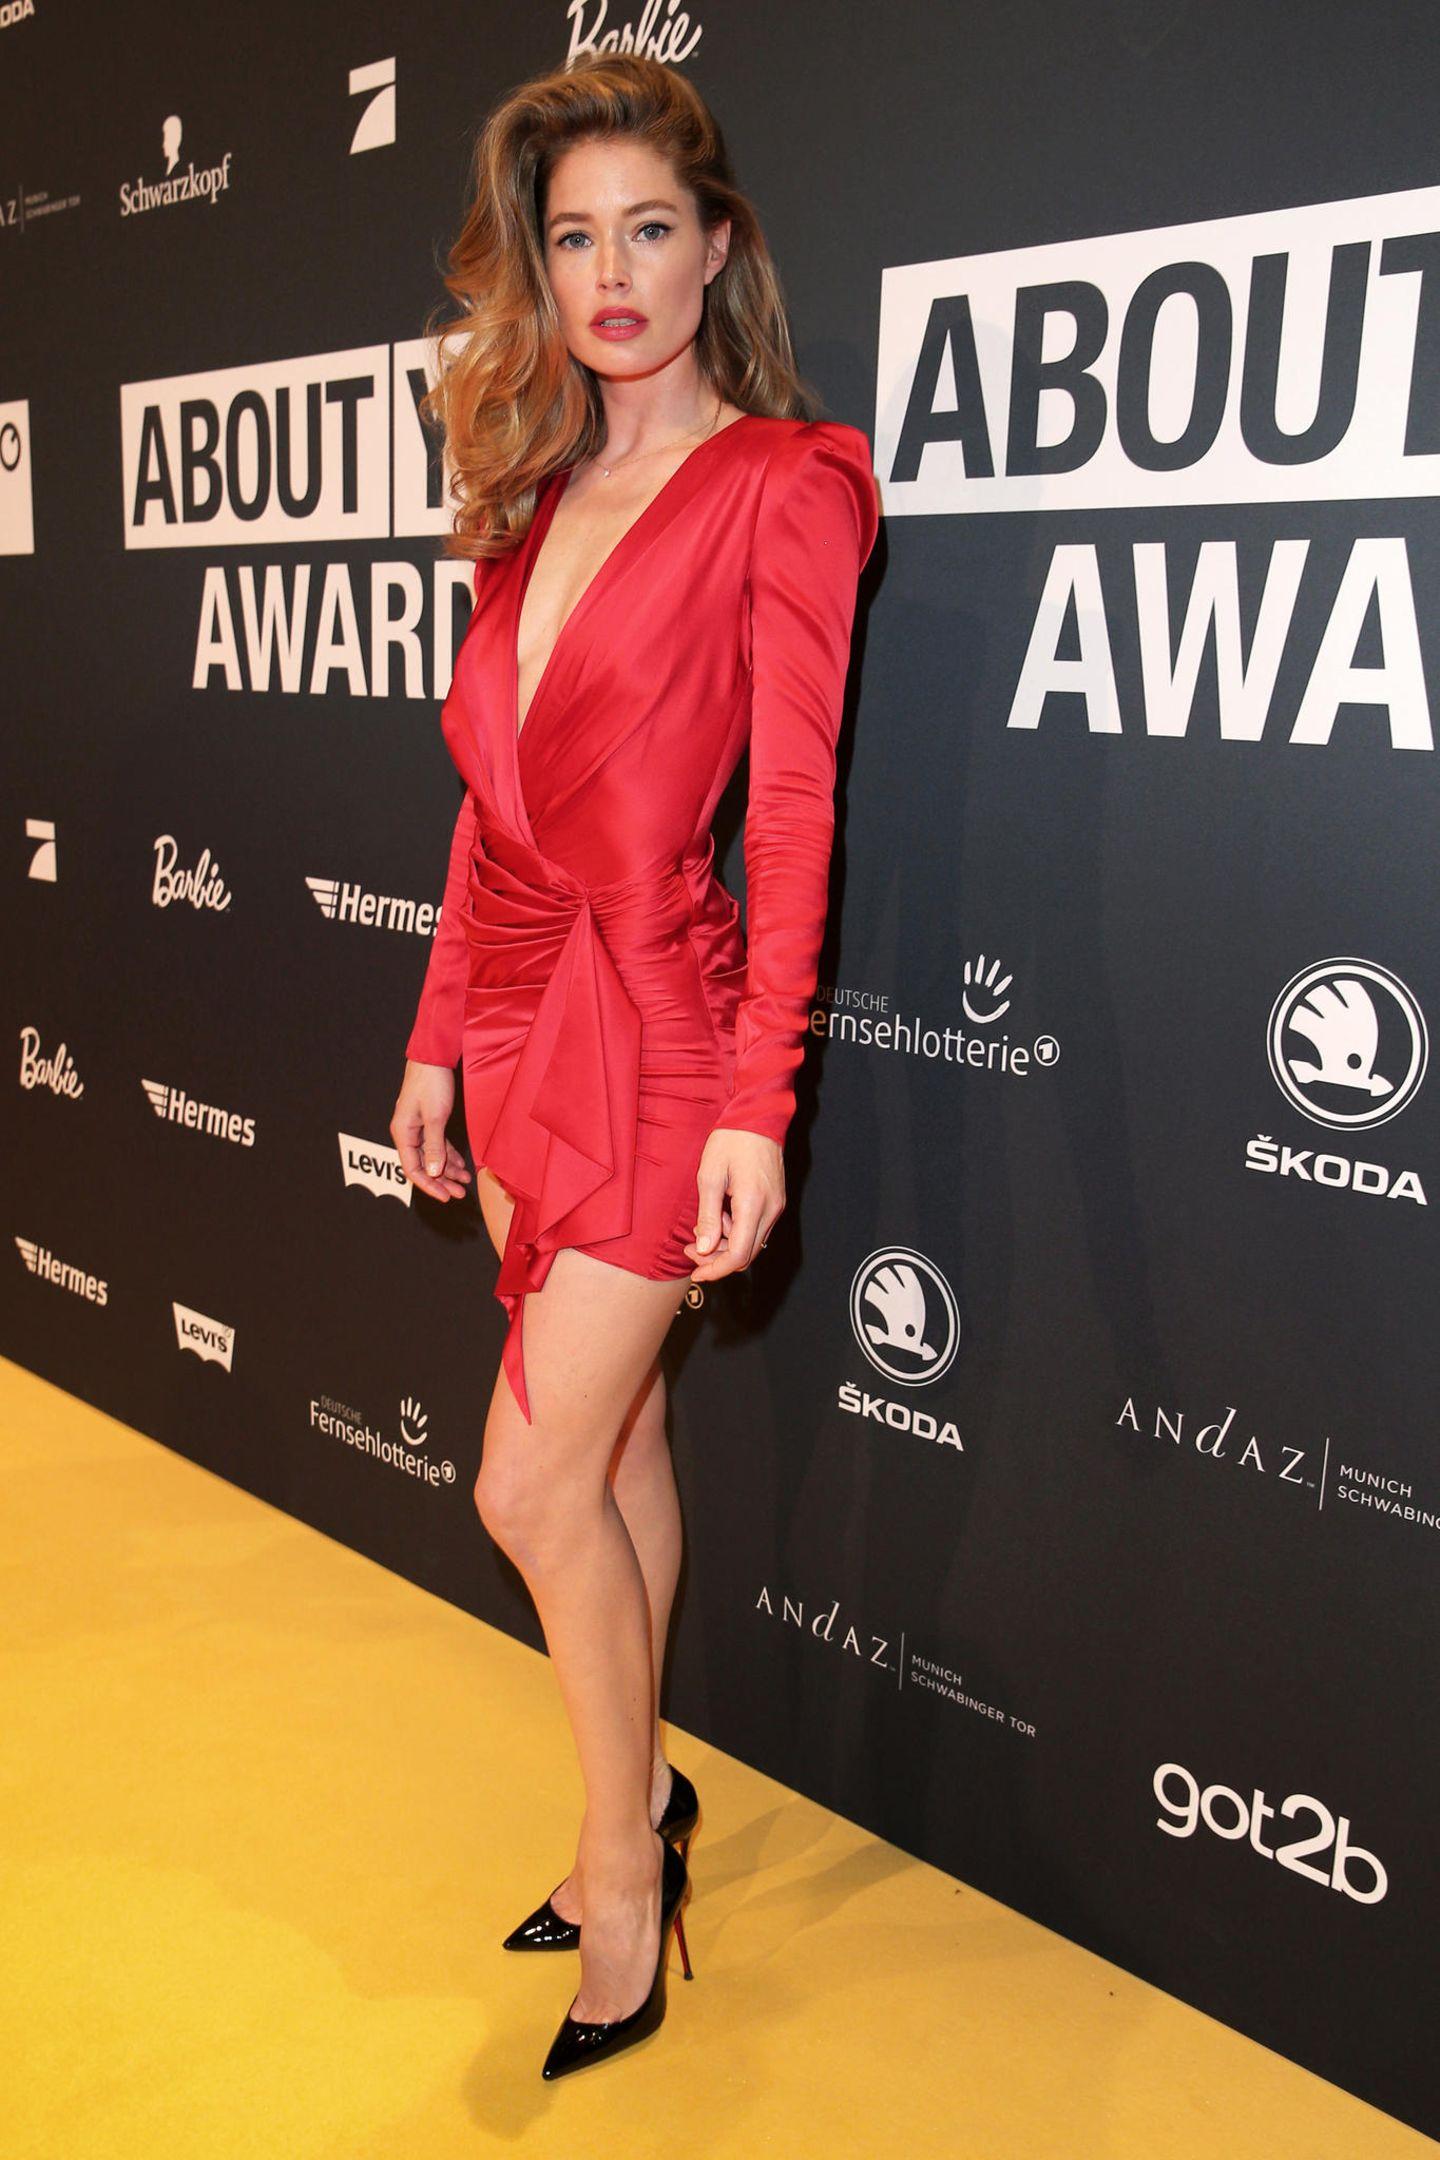 """Kurz nach Lena erscheint auch """"Victoria's Secret""""-Model Doutzen Kroes auf dem Red Carpet der About You Awards und wir mussten zweimal hinschauen: Trägt sie etwas das gleich Kleid wie Lena Gercke? Ja! ..."""